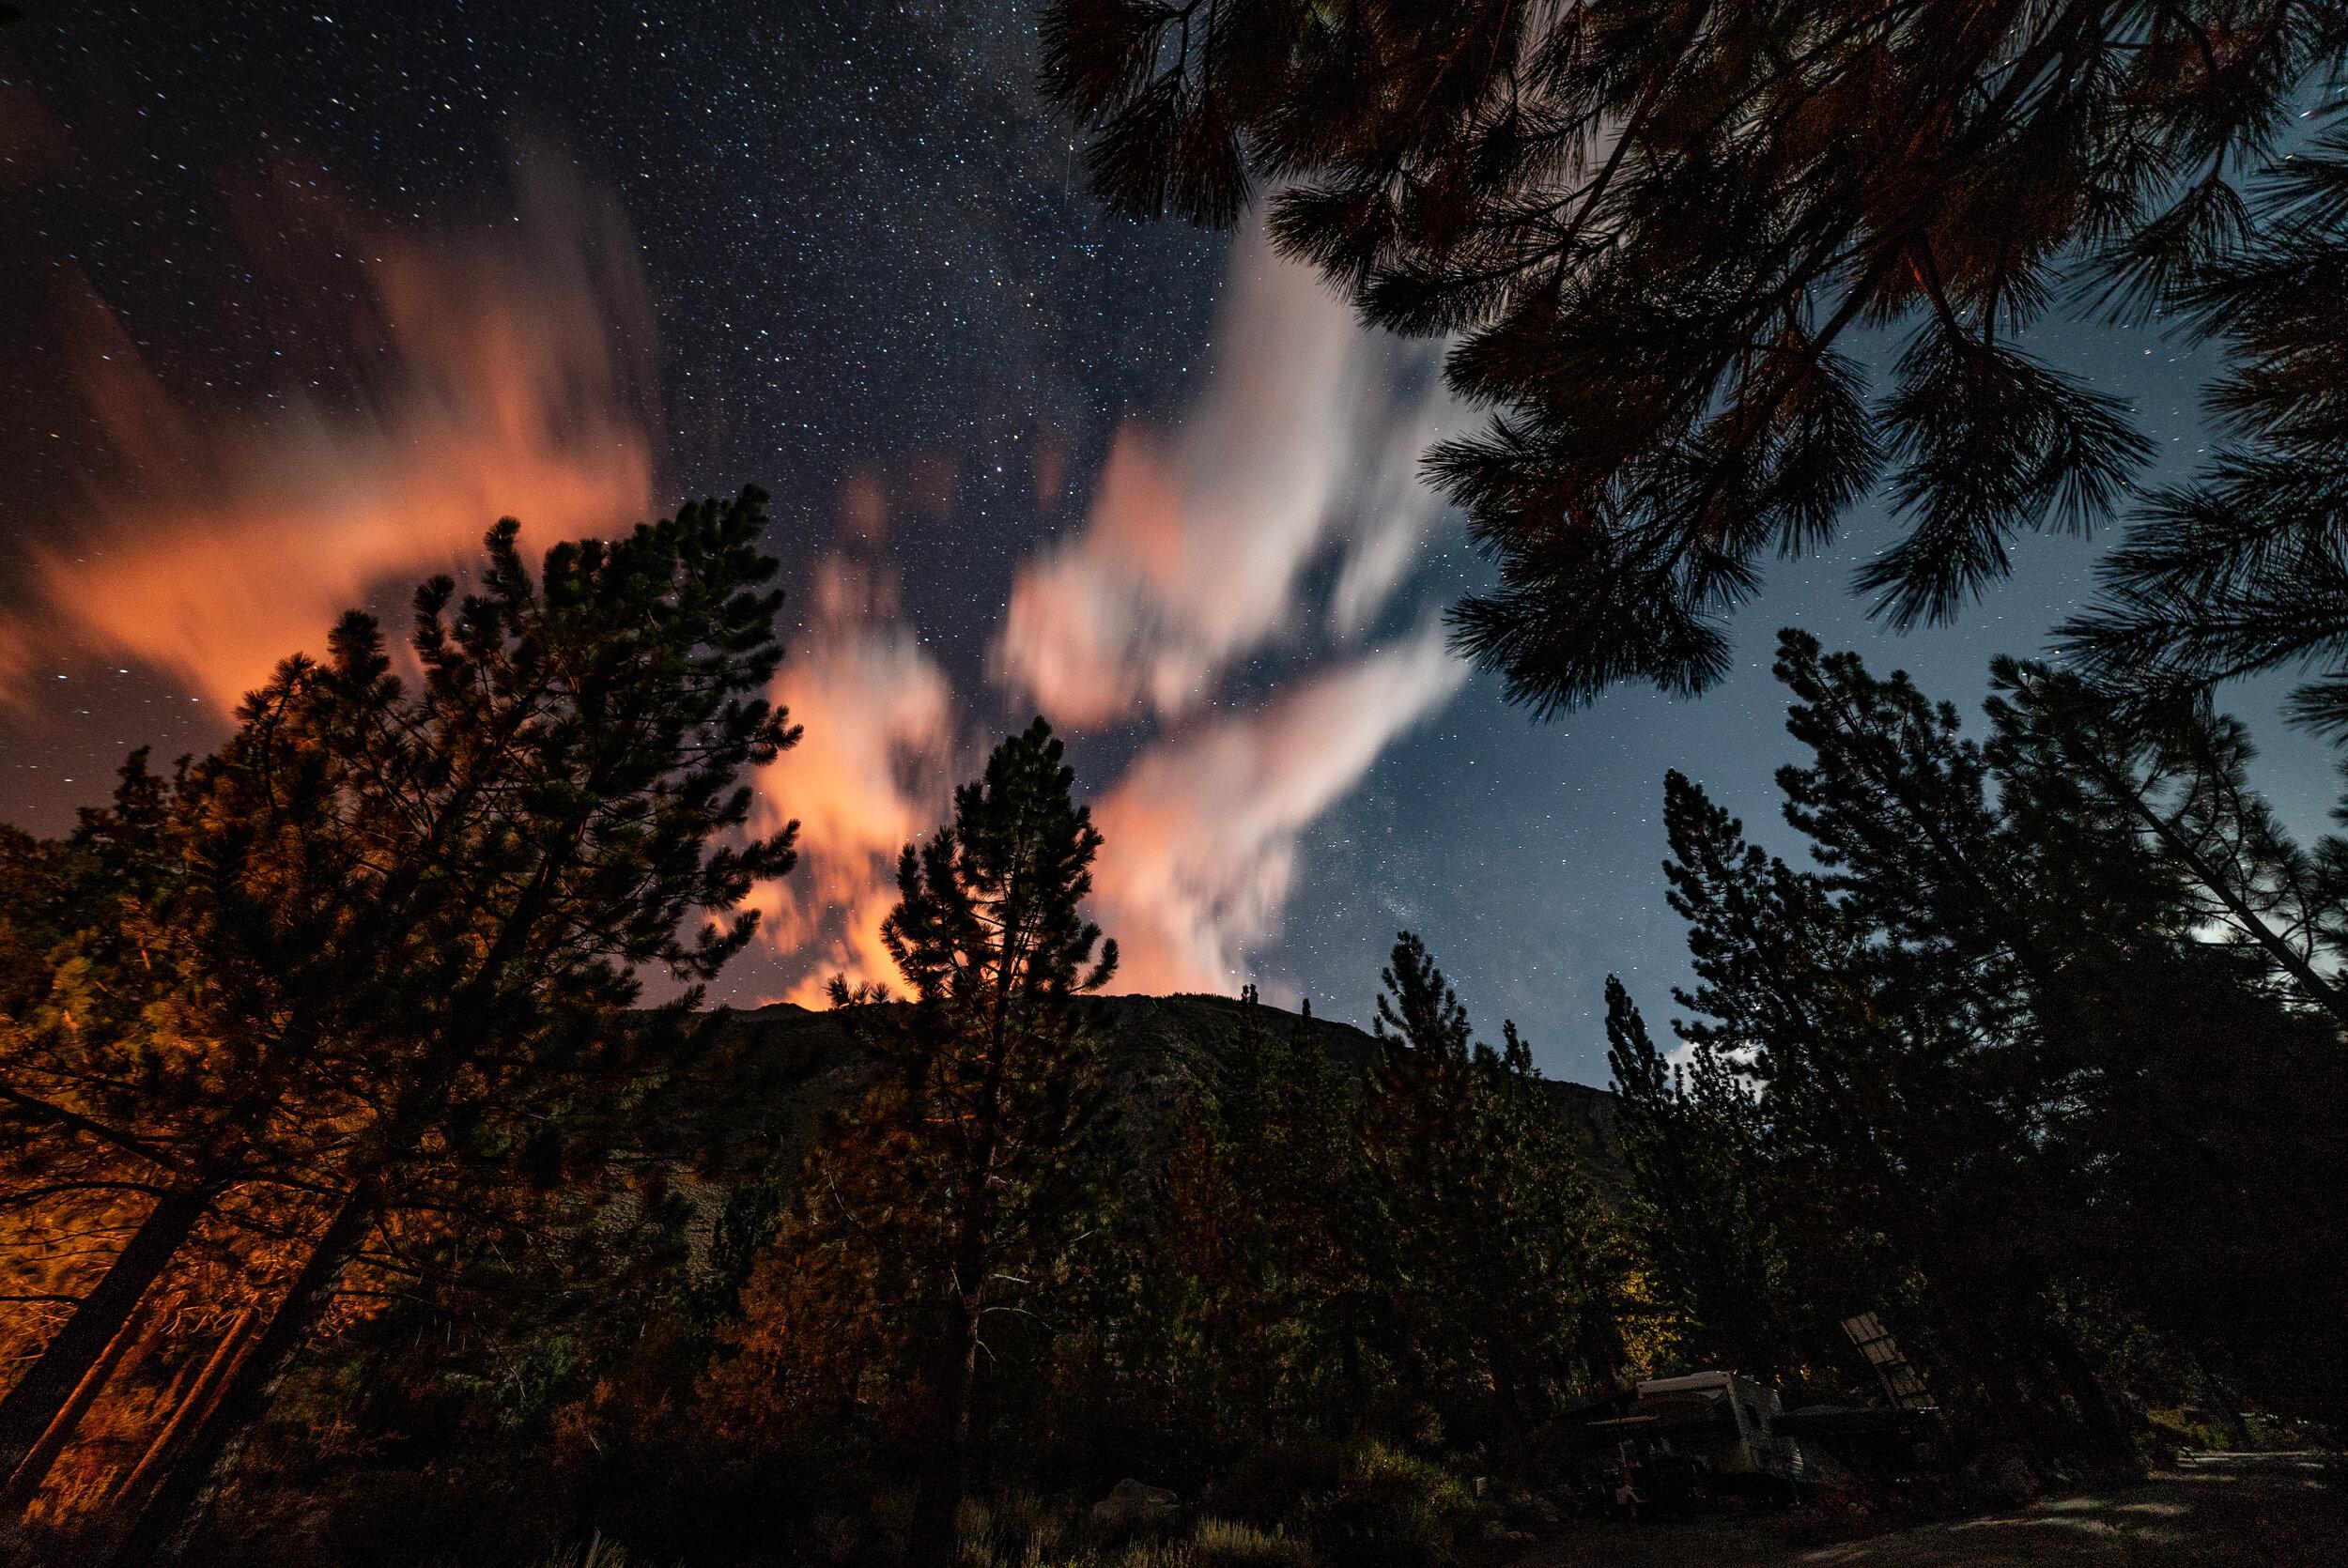 Sierras w Rumsey 2019-17.jpg